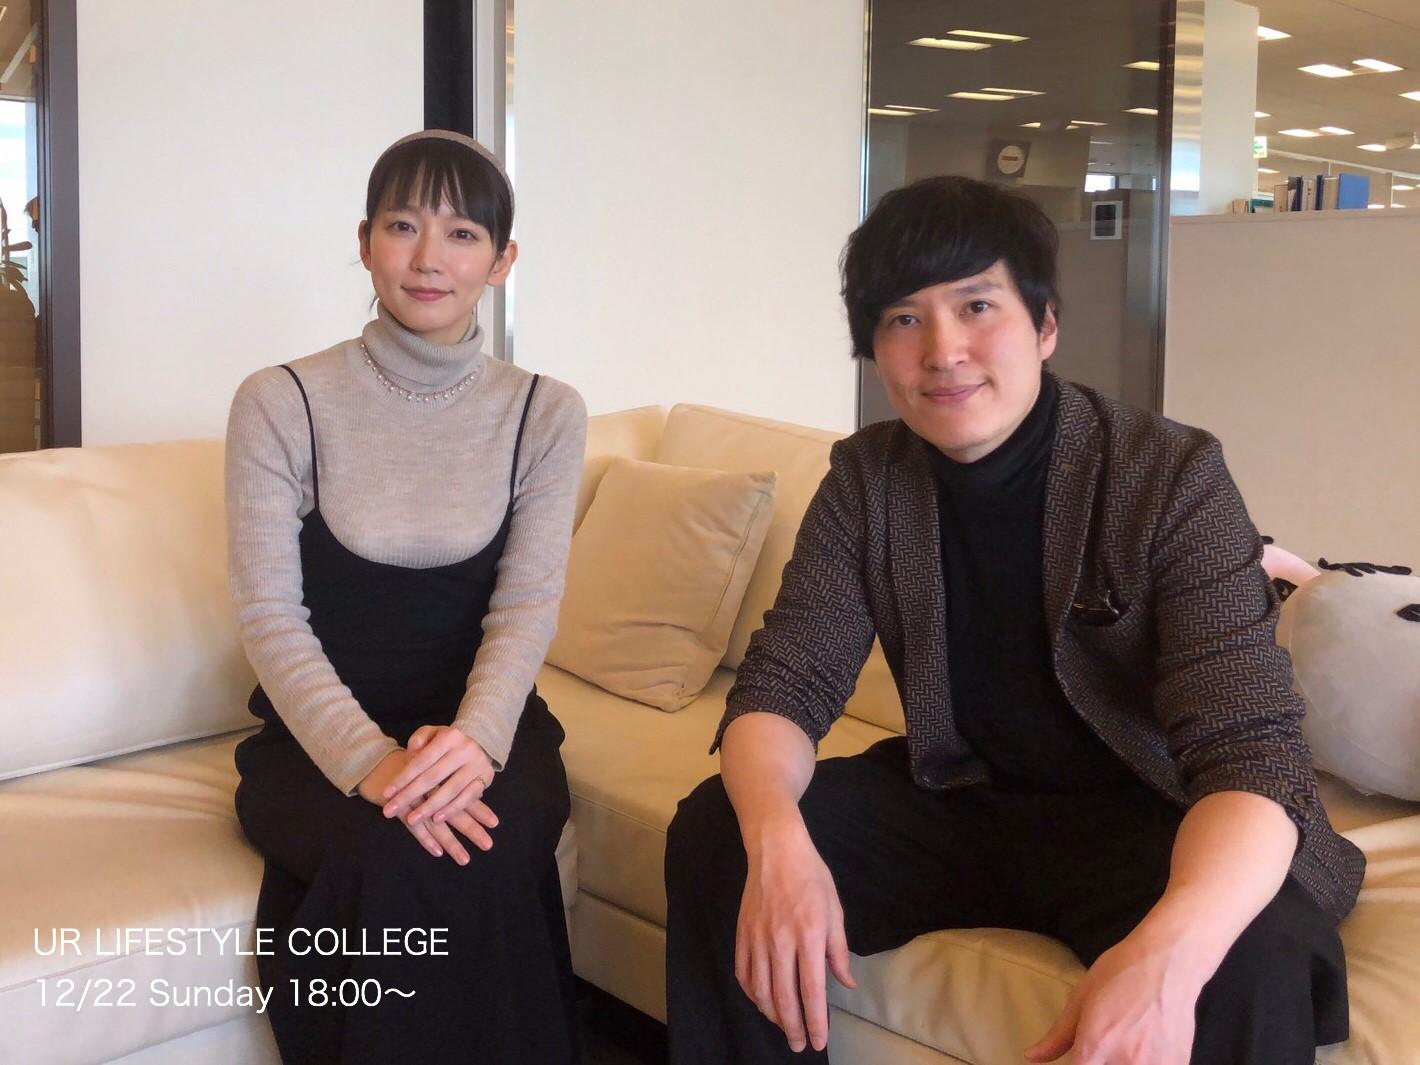 ピアニスト・清塚信也の「過酷なクリスマス」とは? 美しい即興演奏に、吉岡里帆も悶絶